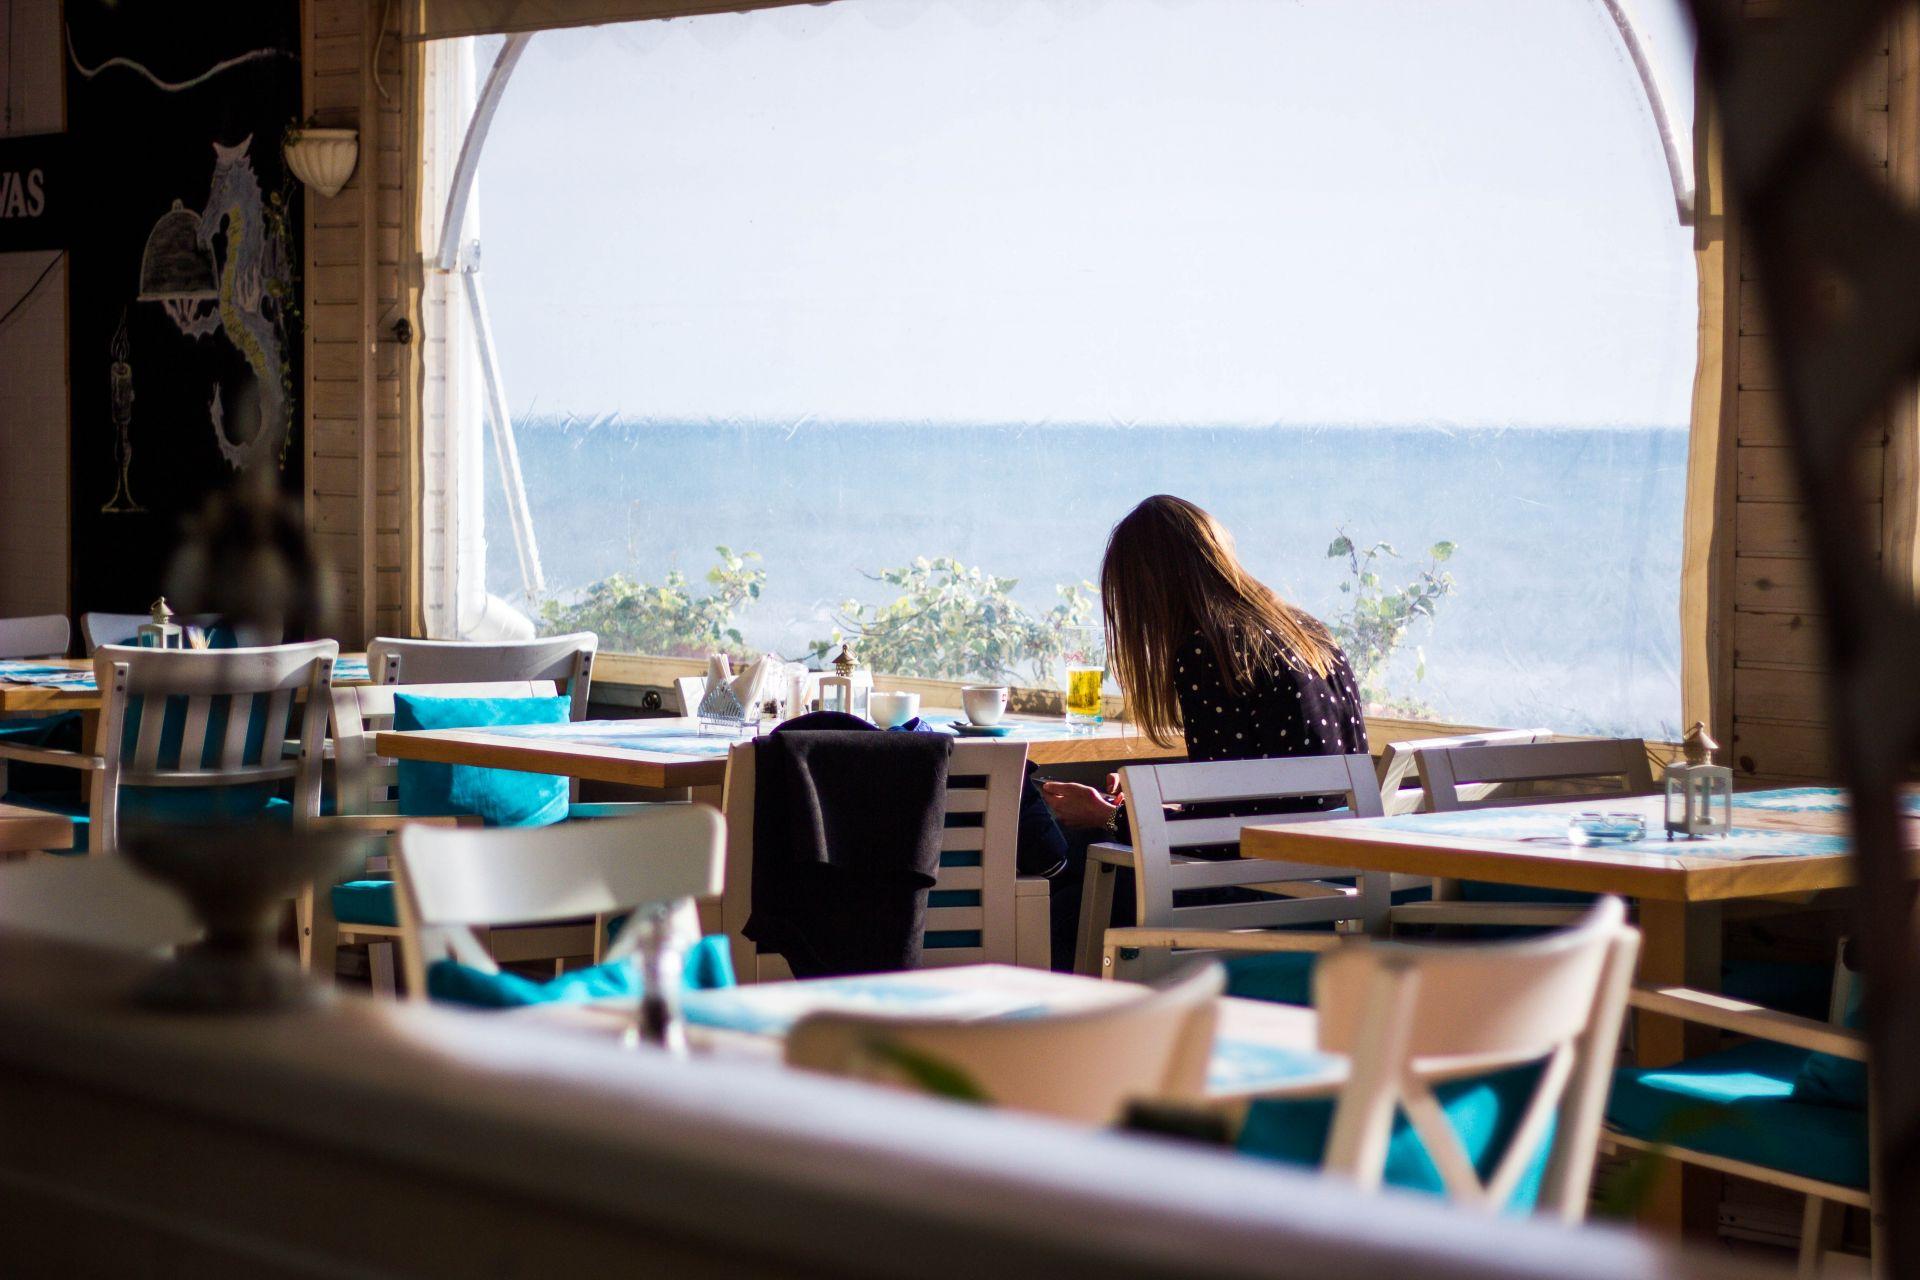 Collaroy Beach Cafe. Prime Position